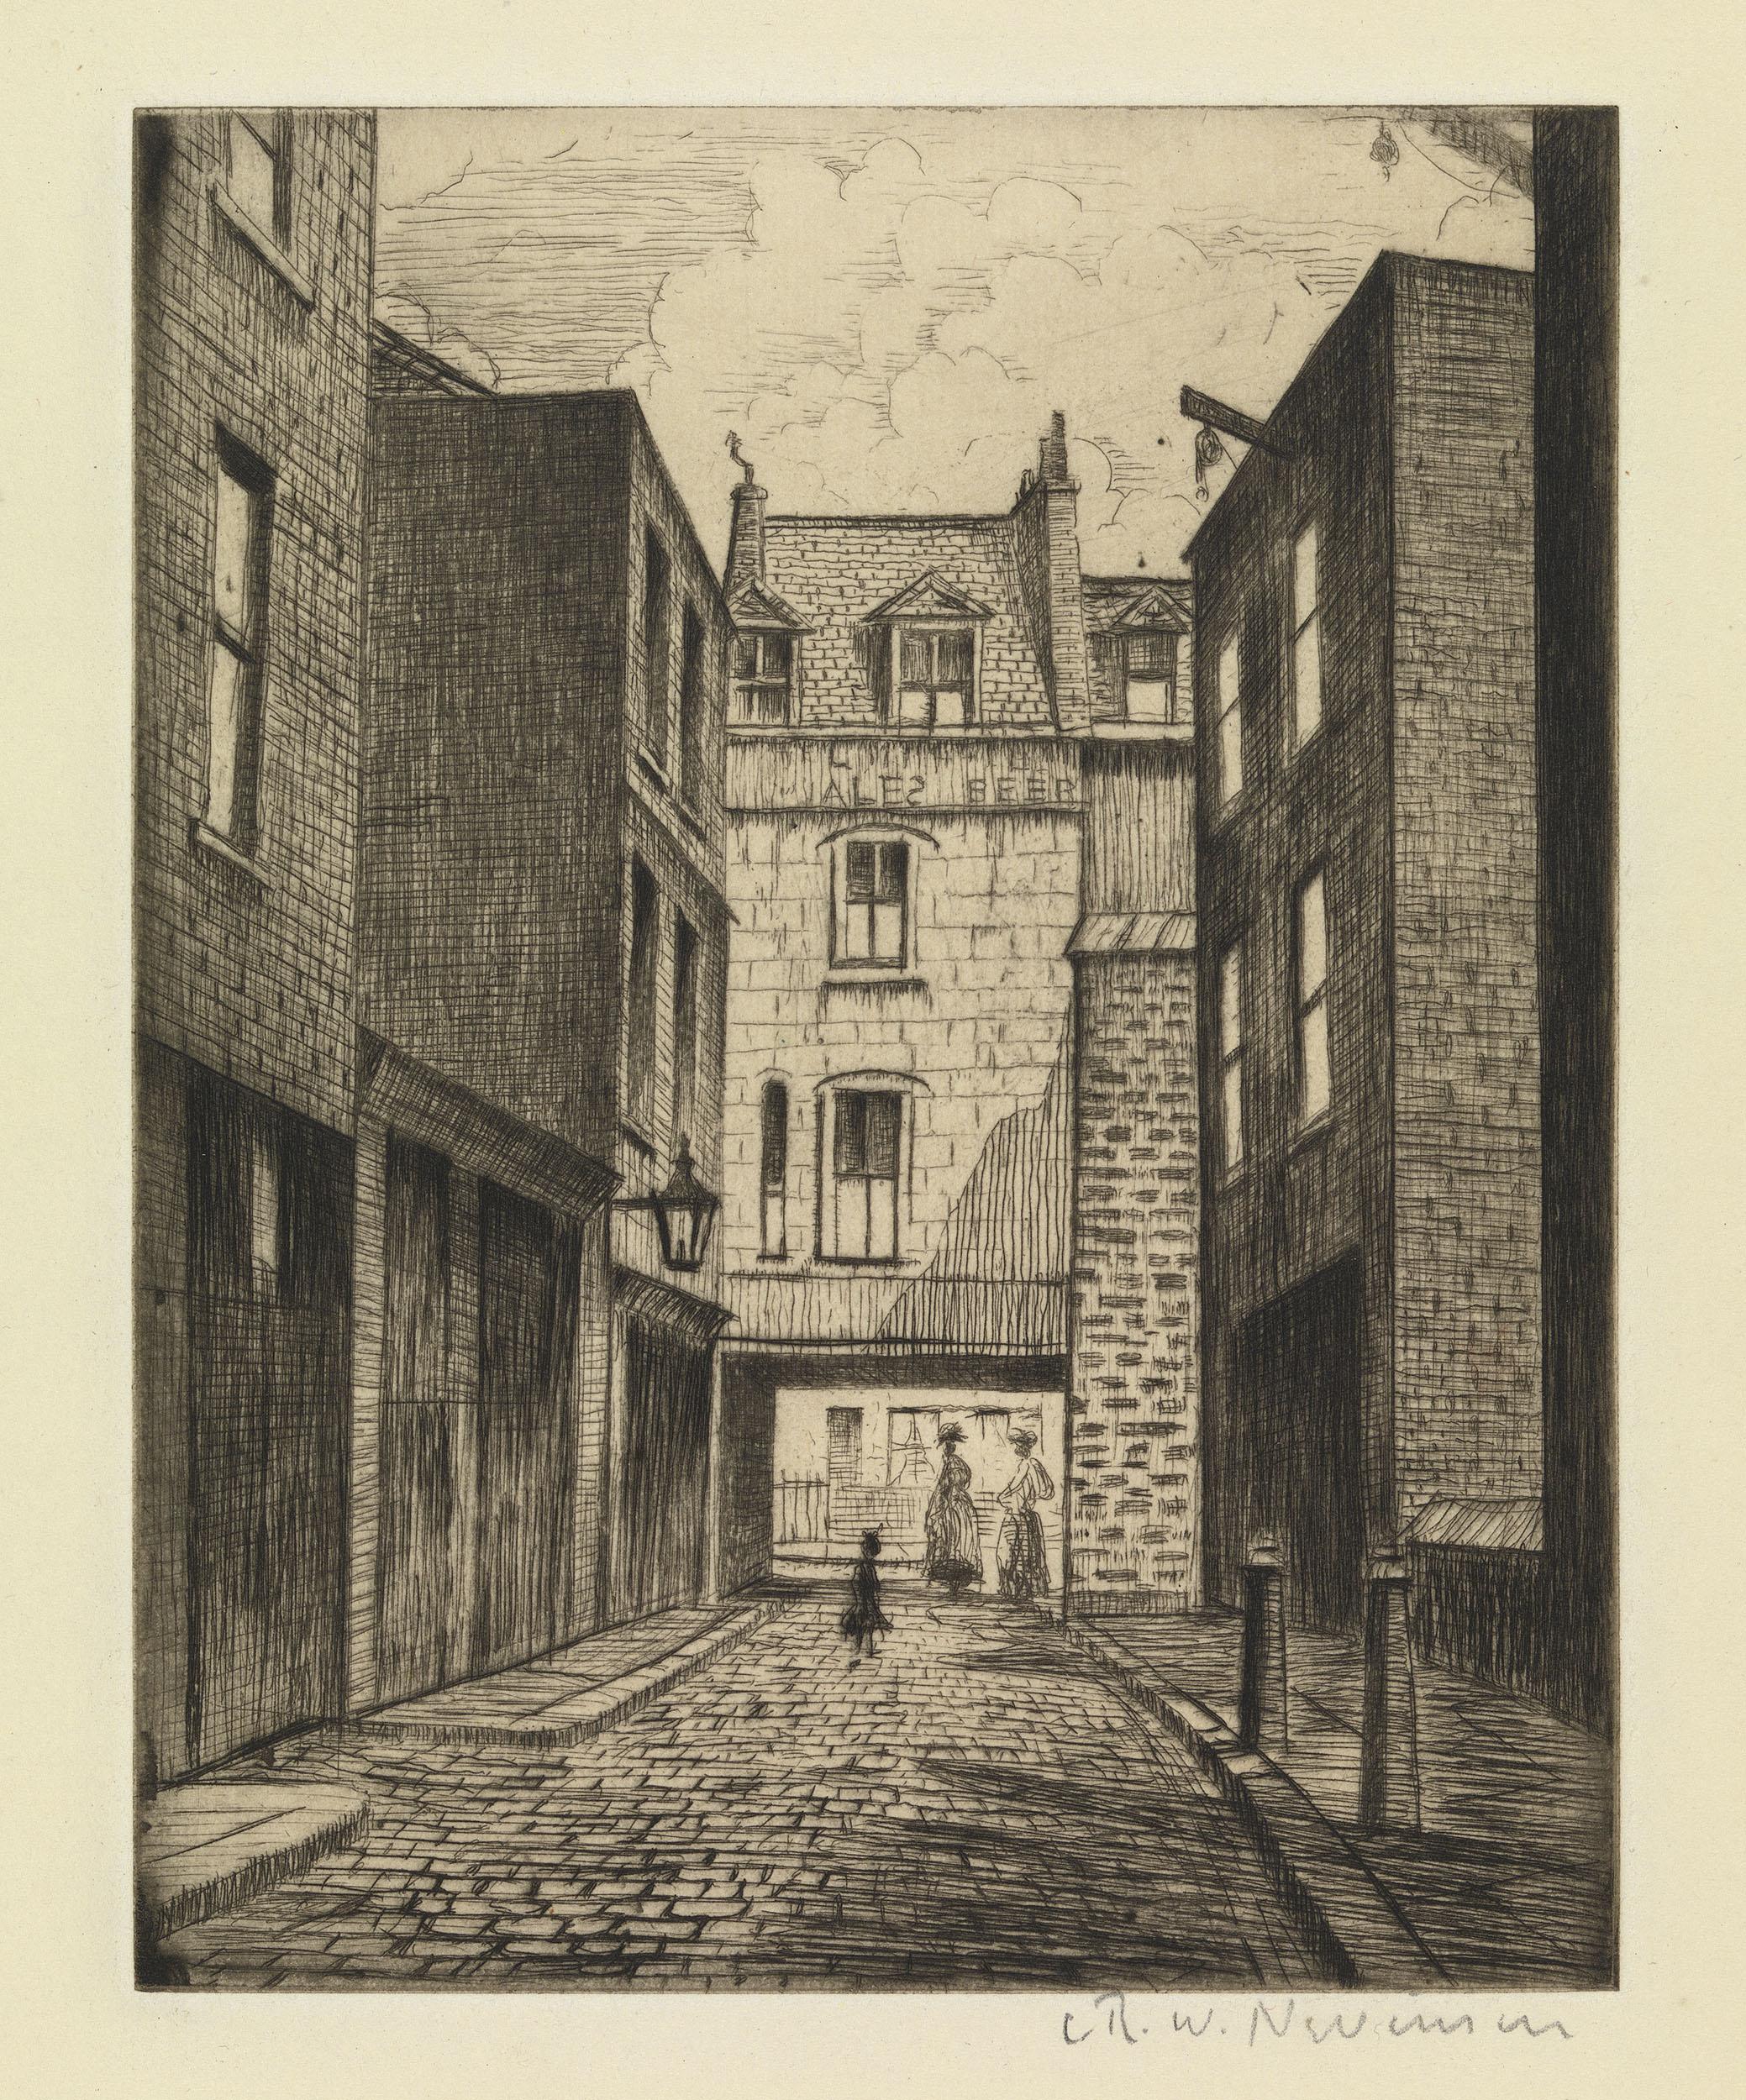 Manette Street